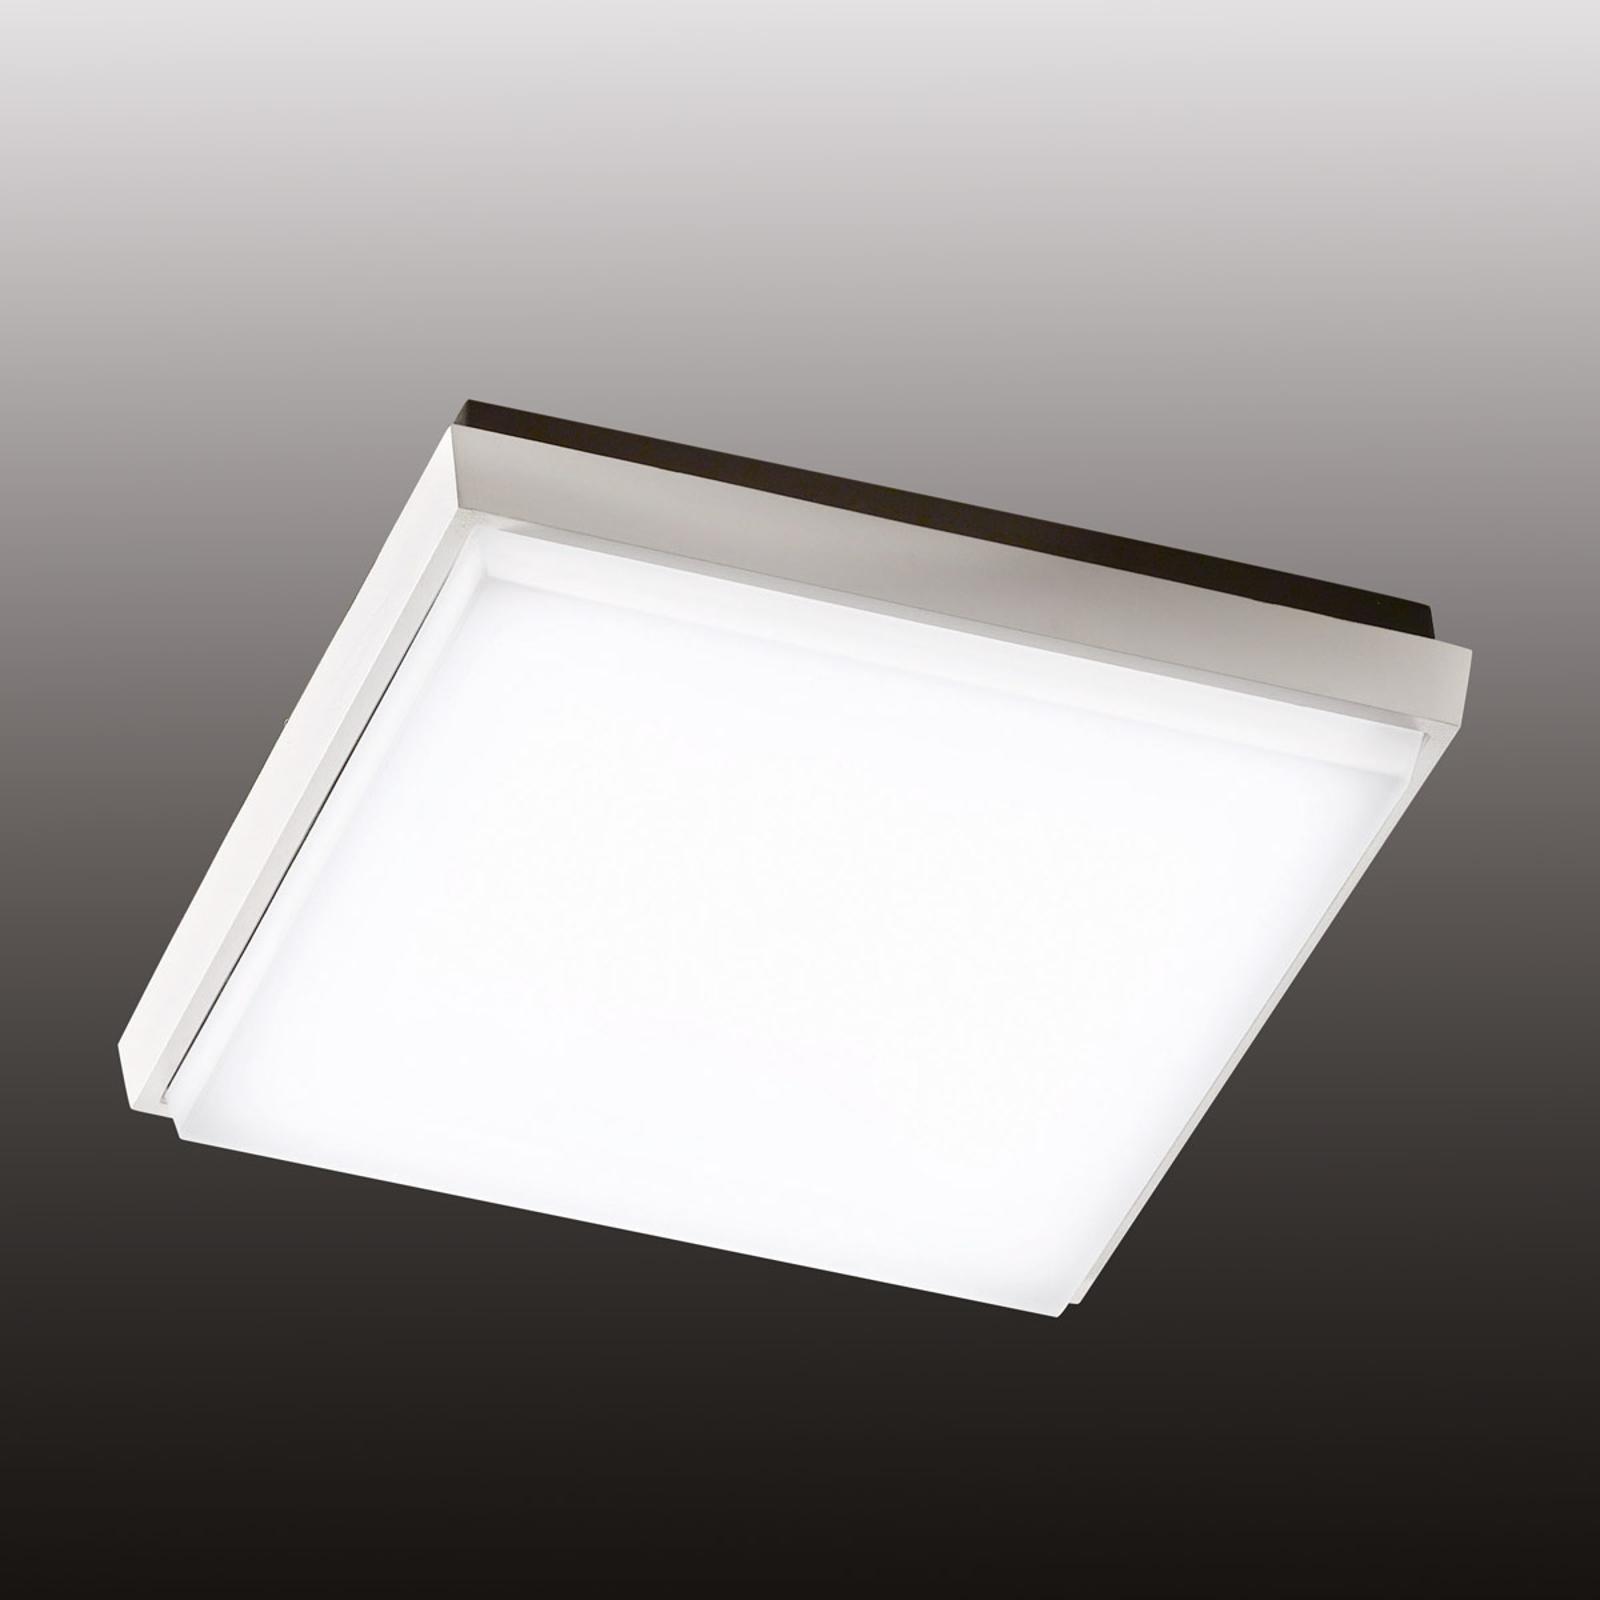 Štvorcové vonkajšie stropné LED svietidlo Desdy_3502511_1